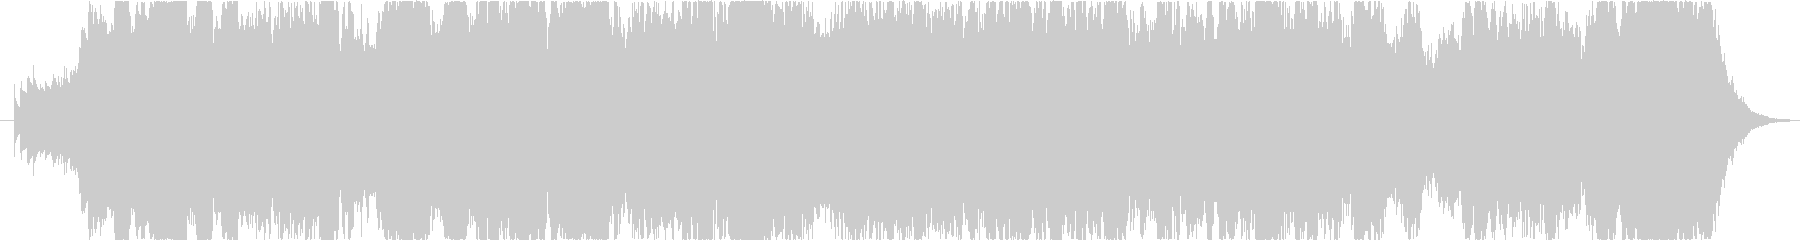 寂しげなオーケストラ楽曲、1分20秒の未再生の波形